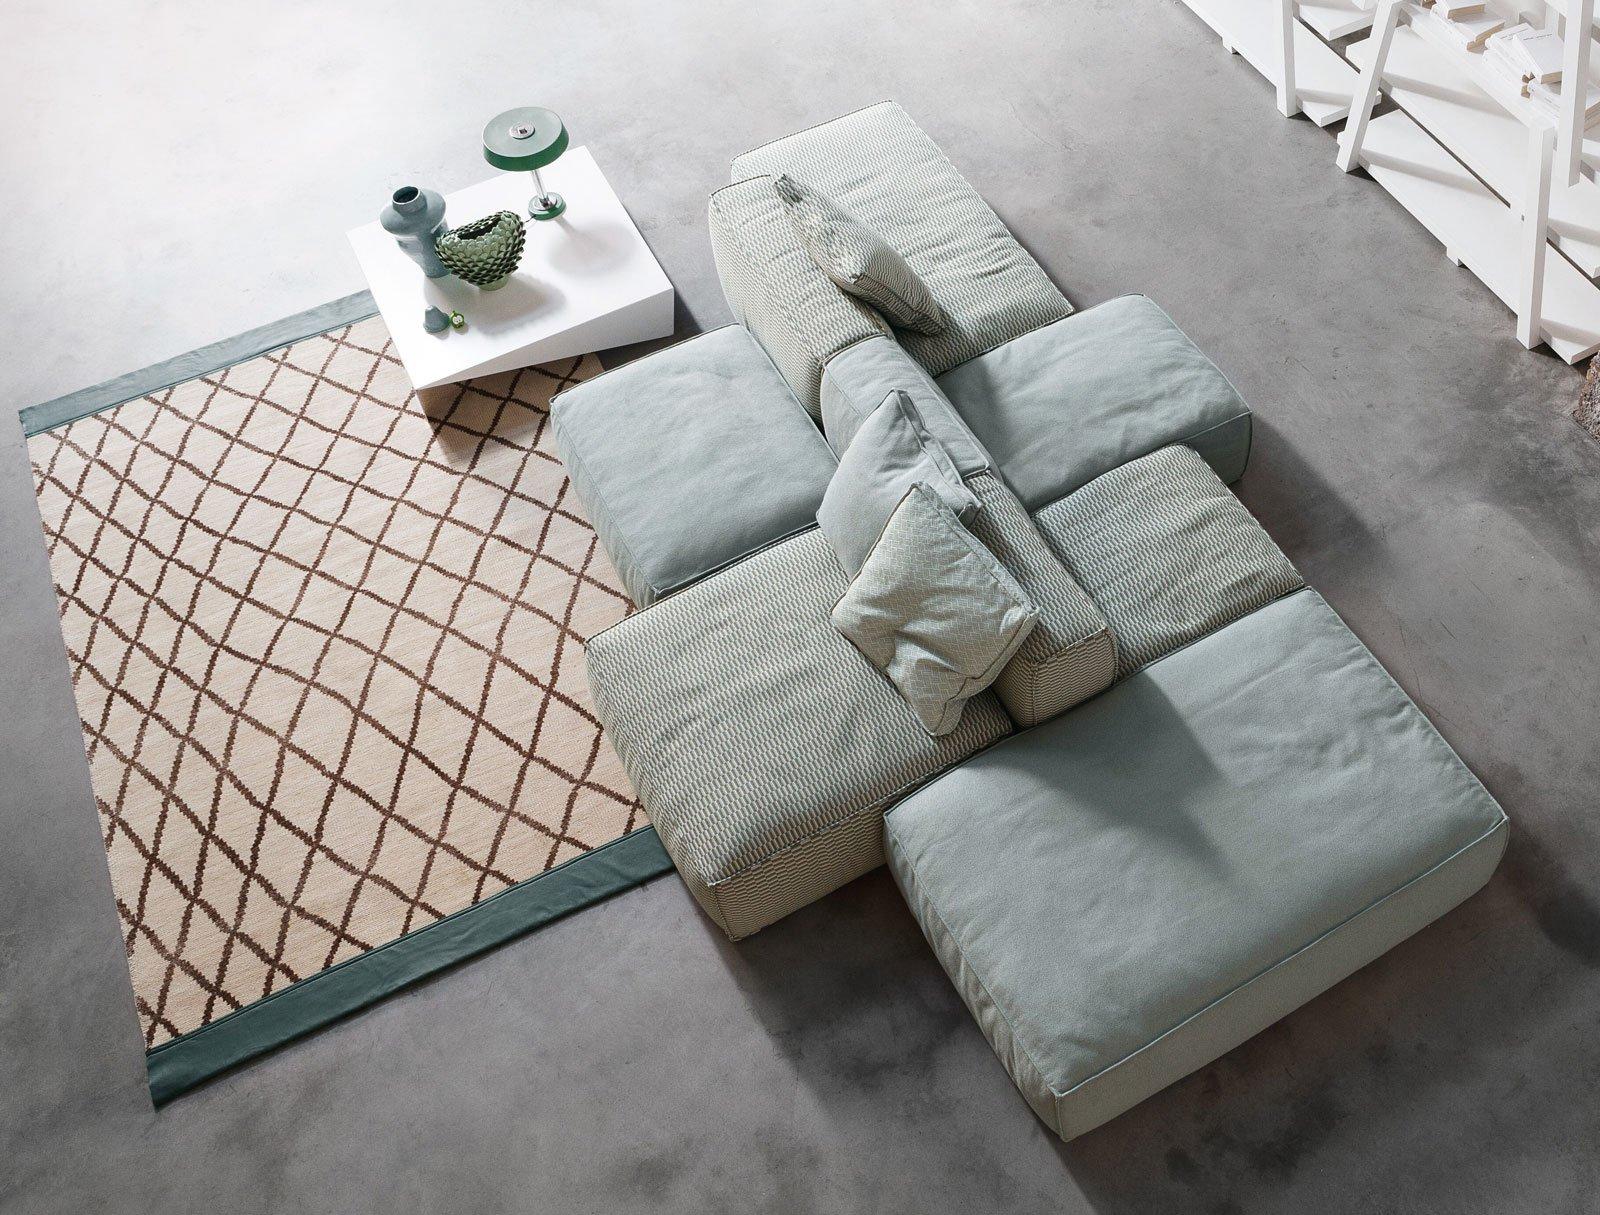 Divano fisso o divano componibile?   cose di casa